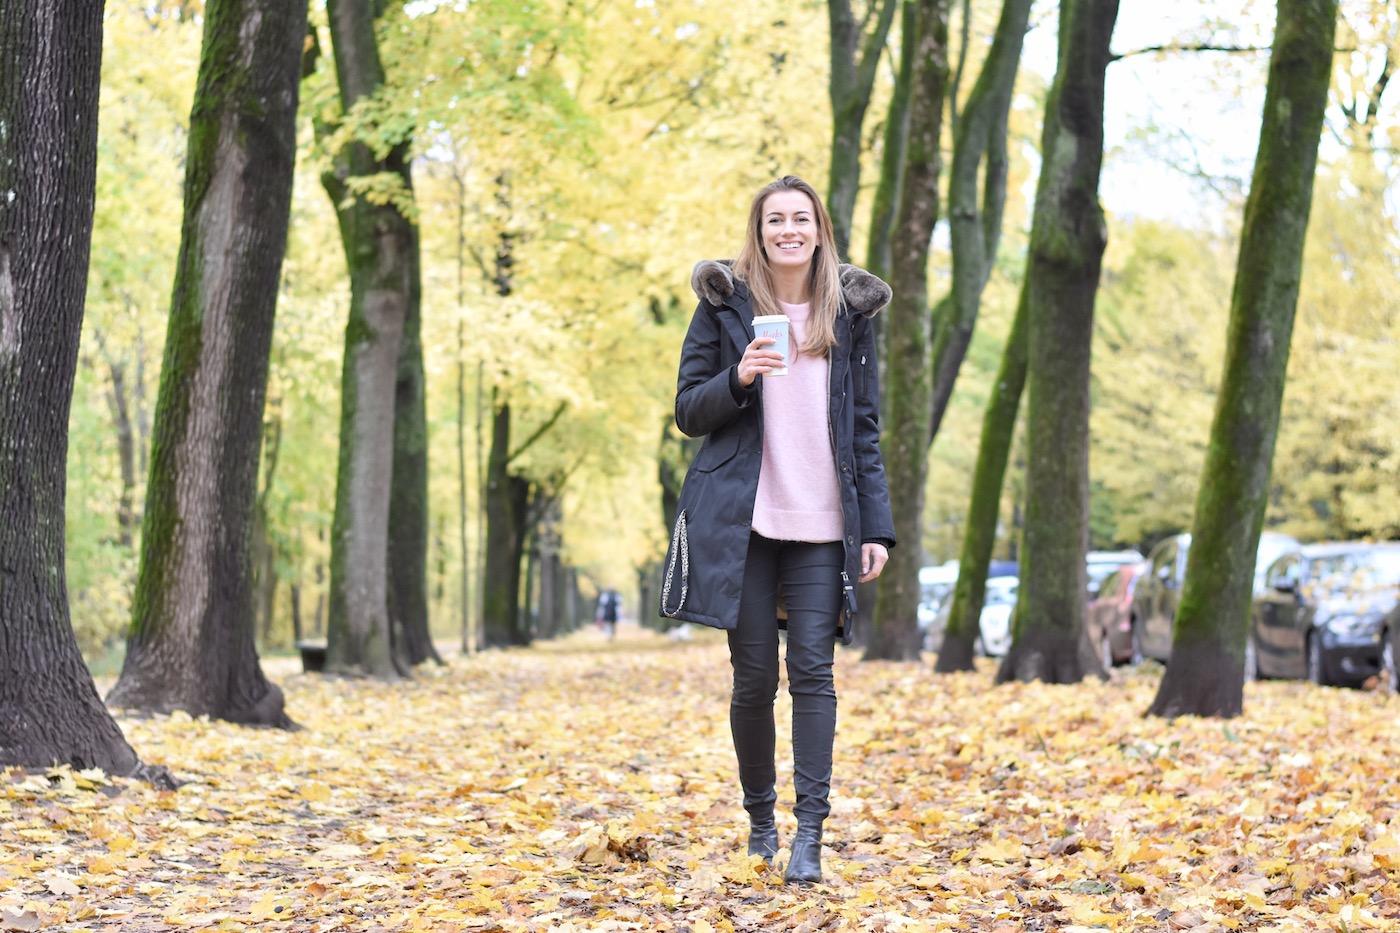 Susanna beim Spaziergang in Winterjacke, lächelt in die Kamera.